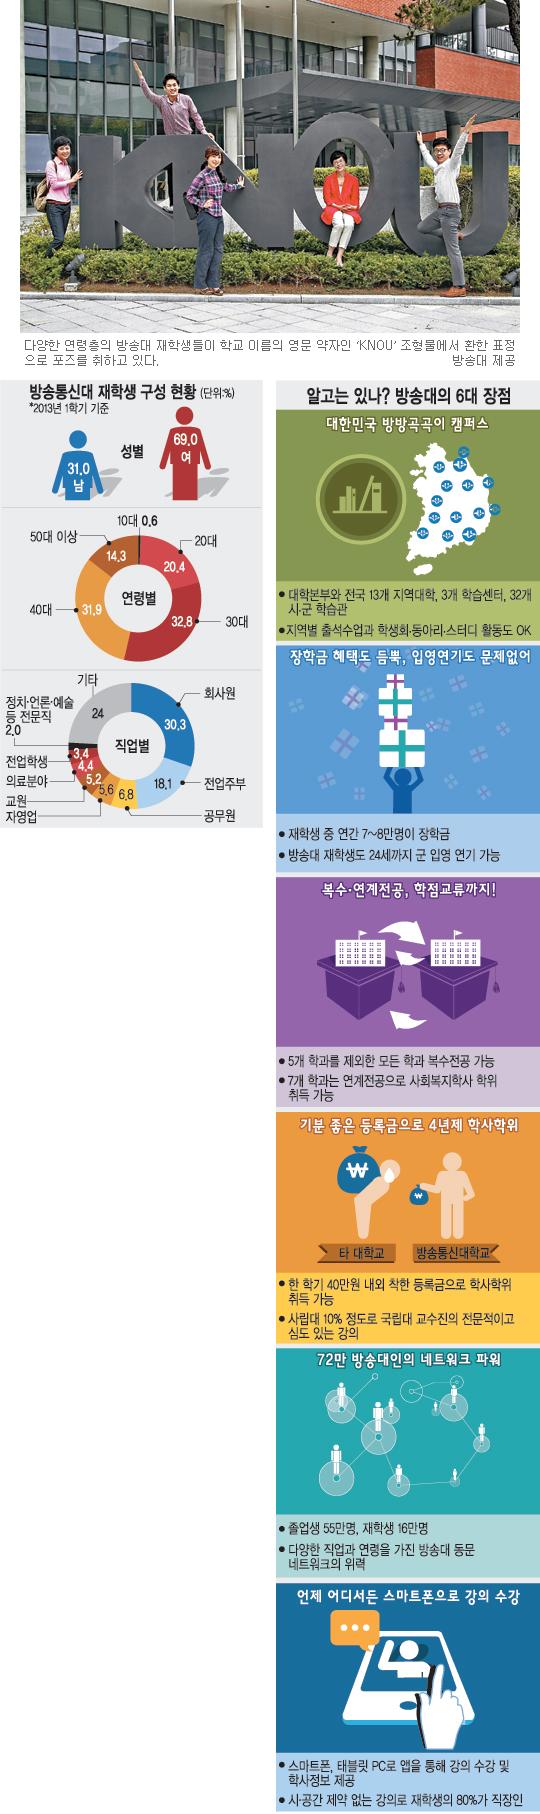 [도약하는 한국방송통신대학교] 사립대 10분의 1 수준 등록금… 부담없이 학위 취득 기사의 사진